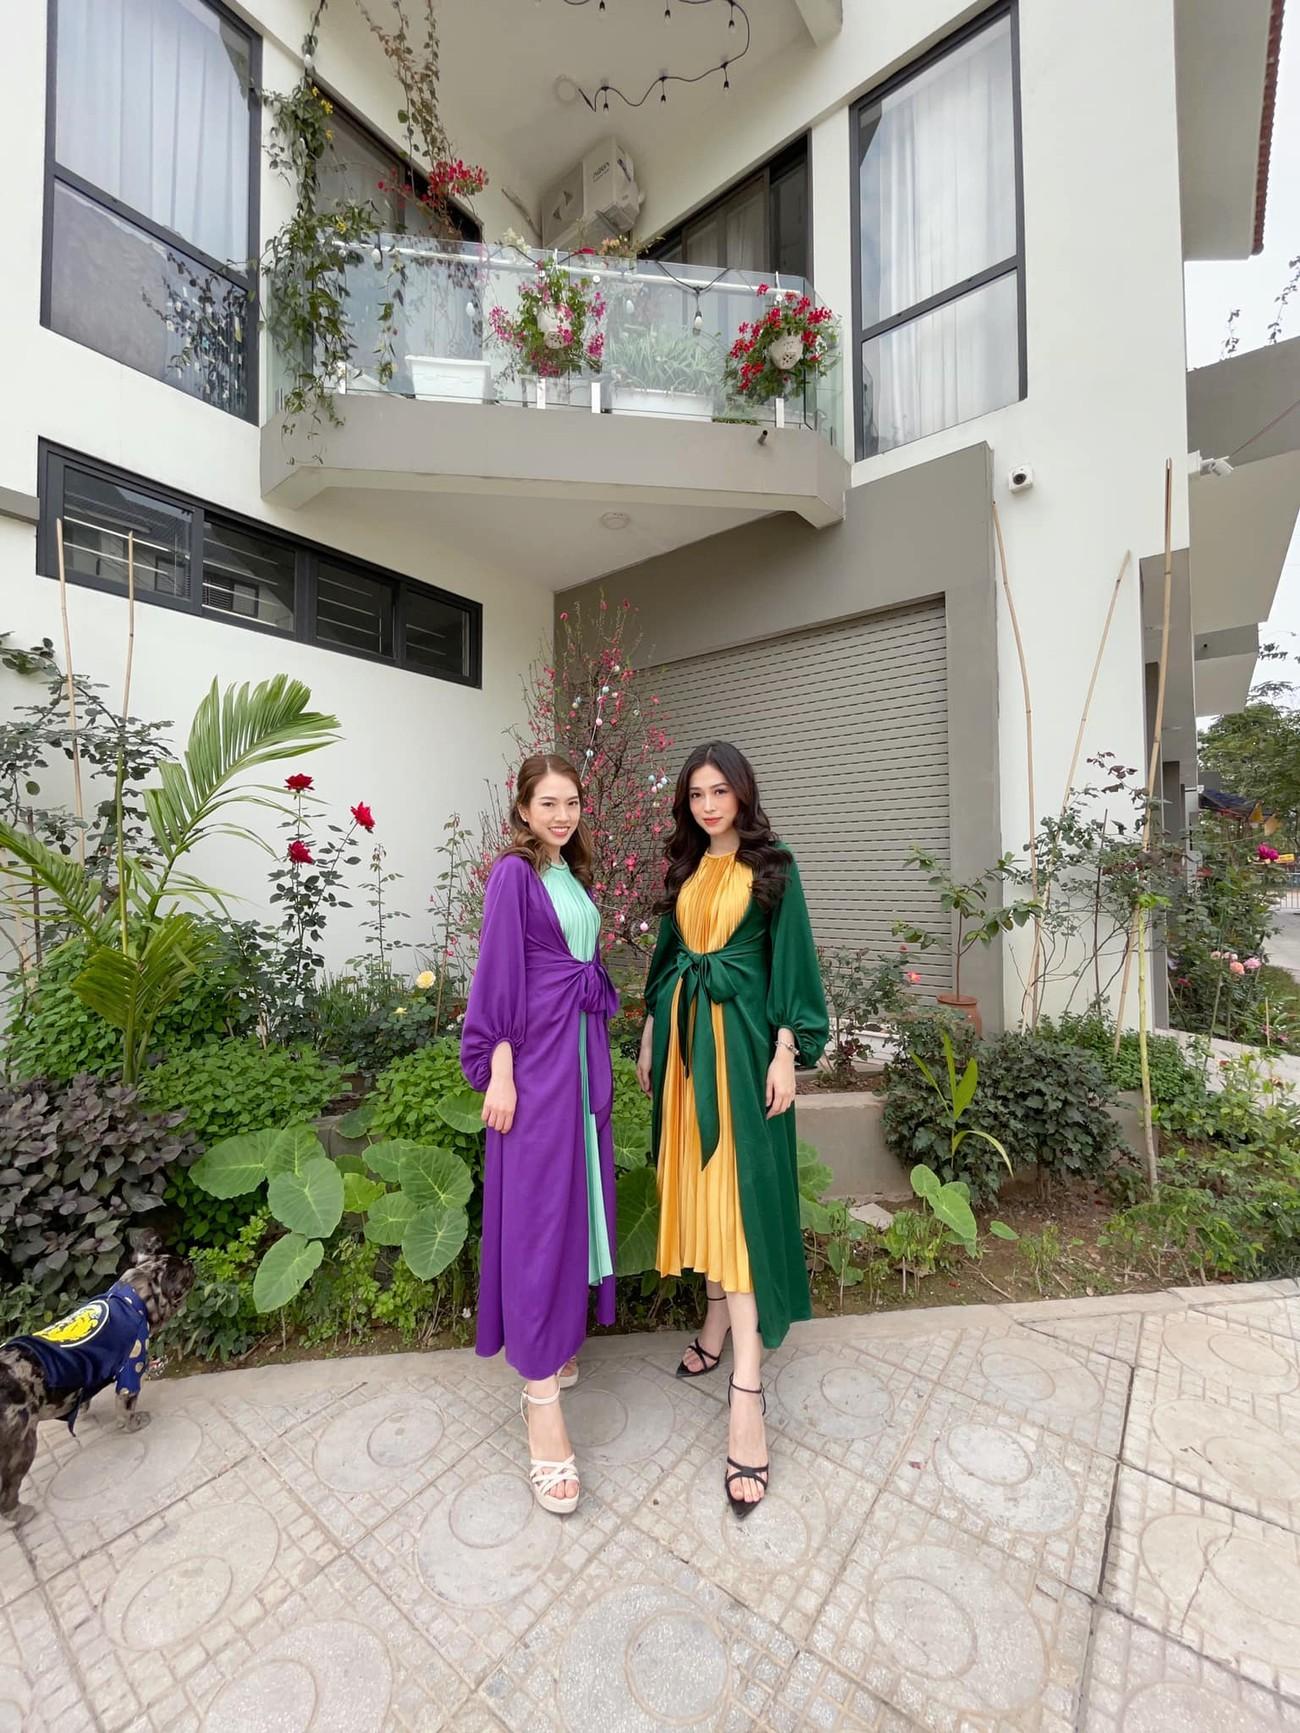 Hoa hậu Tiểu Vy khoe ảnh mẹ diện áo dài ngày mùng 1 Tết, fans trầm trồ vì nhan sắc trẻ đẹp ảnh 24